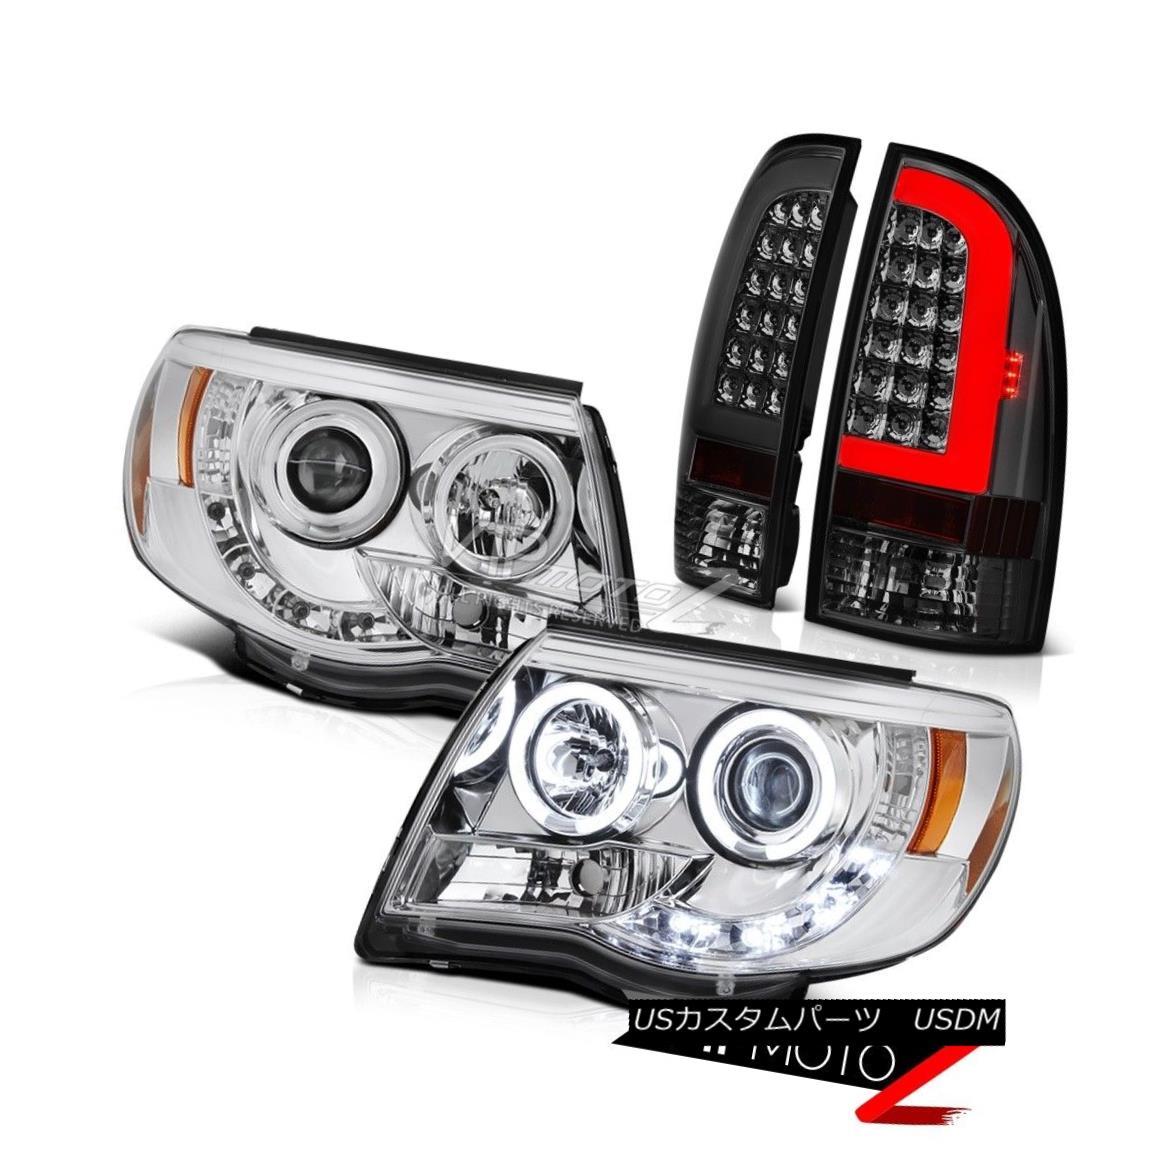 テールライト 05-10 11 Toyota Tacoma Fiber Optic Rear Sterling Chrome Head Lights Replacement 05-10 11トヨタタコマファイバーオプティクスリアスターリングクロームヘッドライトの交換